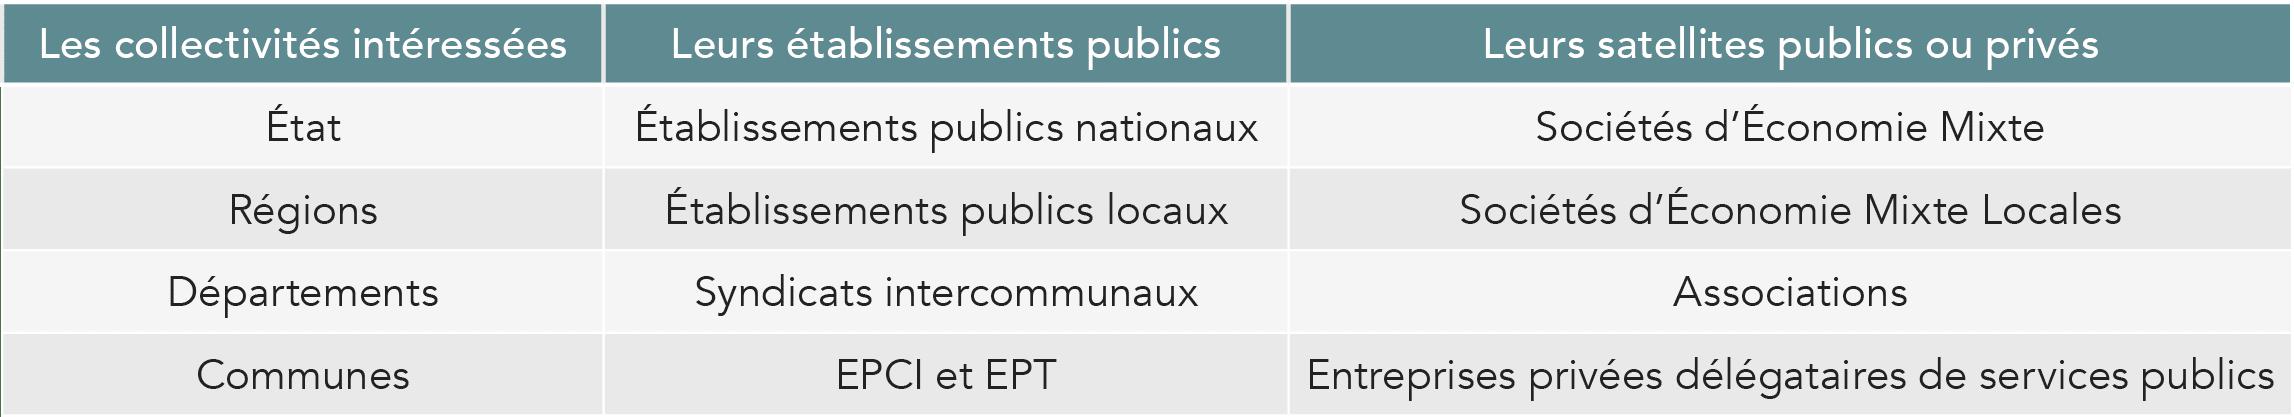 Collectivités et leurs établissements publics